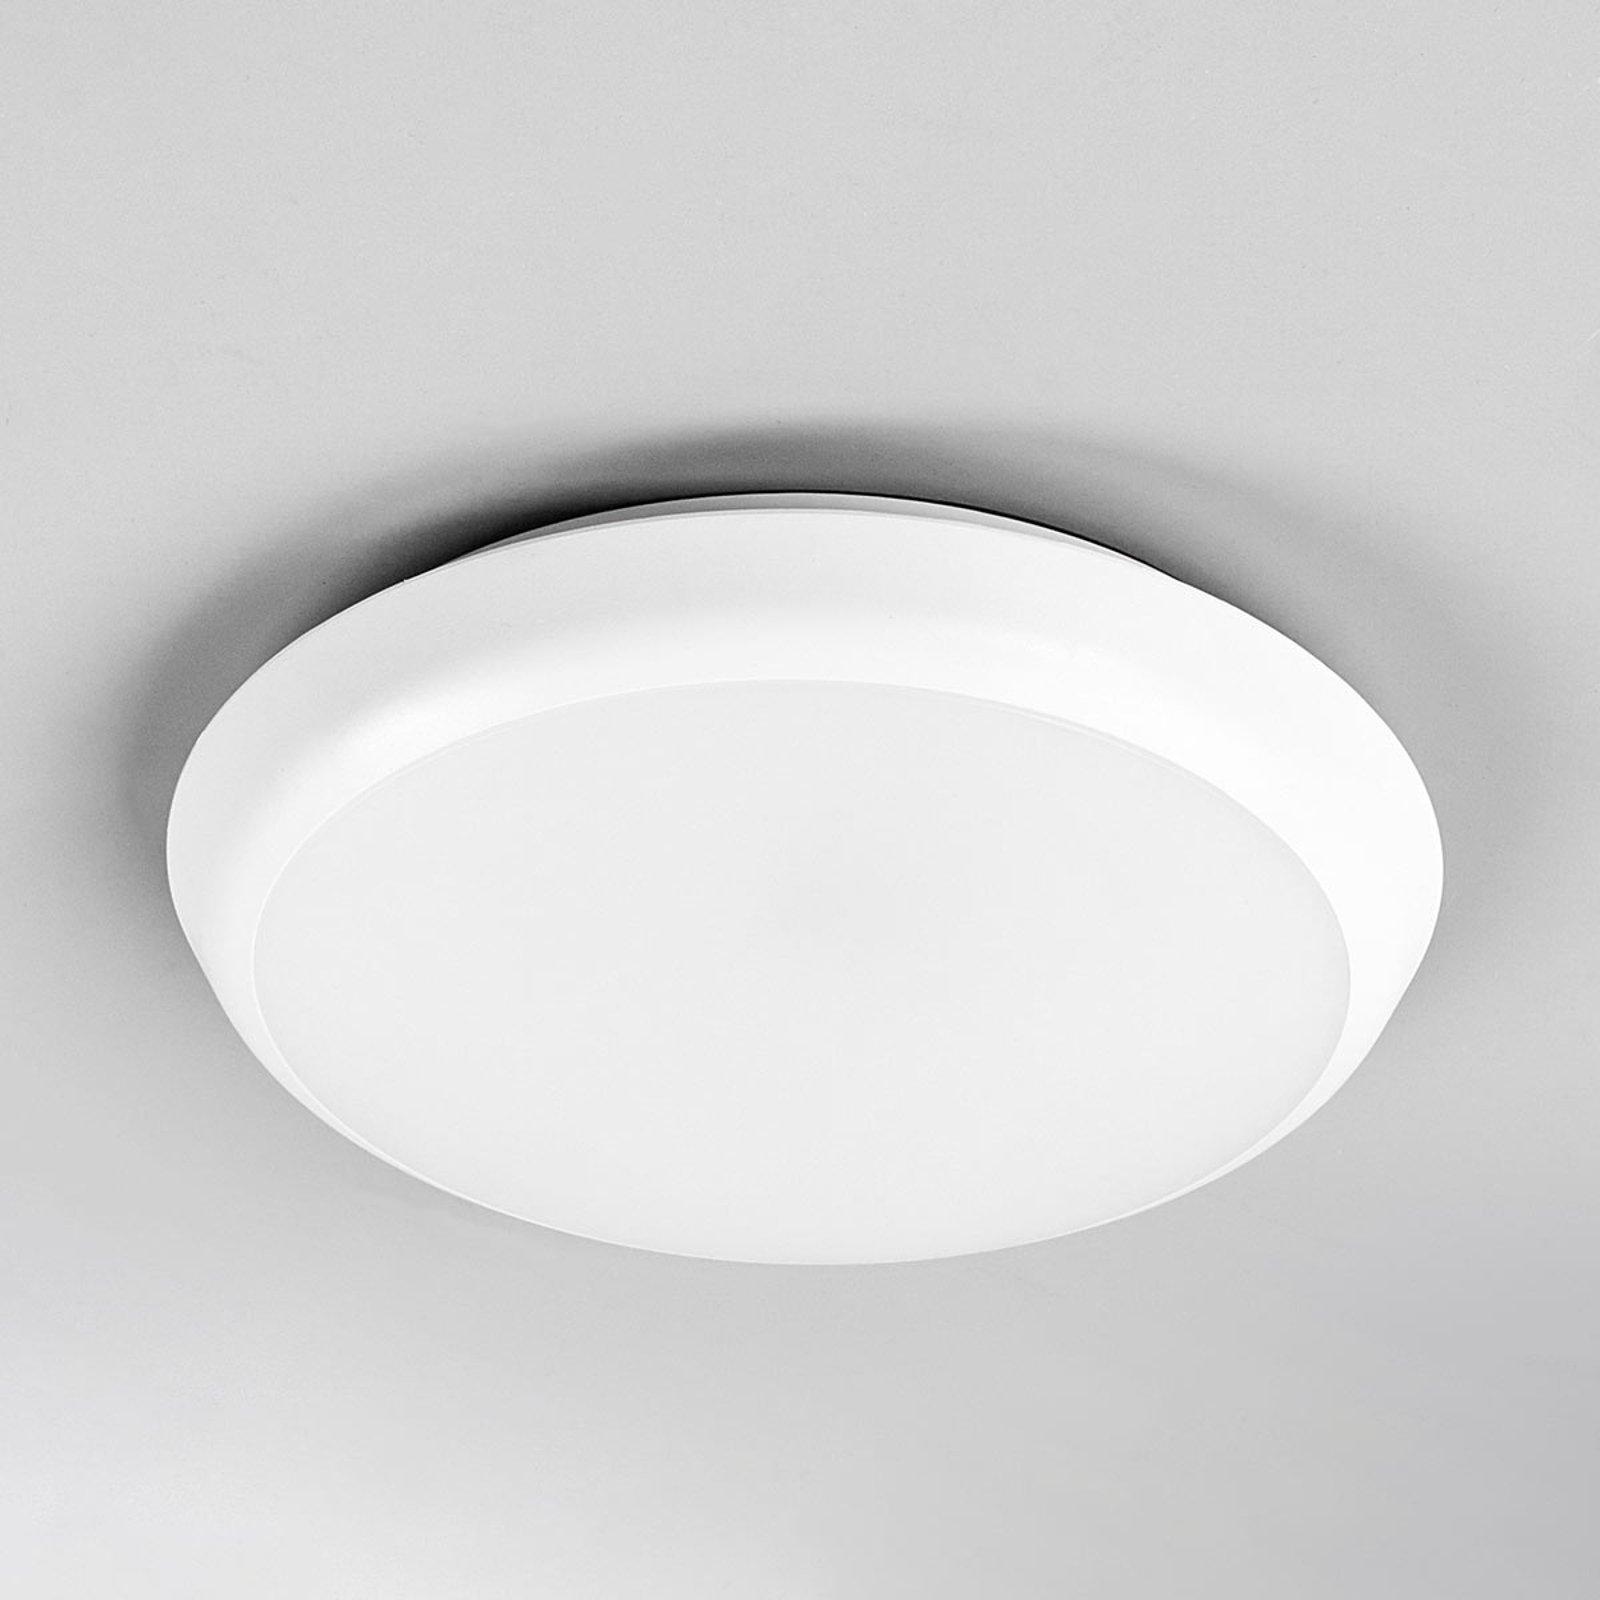 Rund LED-taklampe Augustin, 20 cm